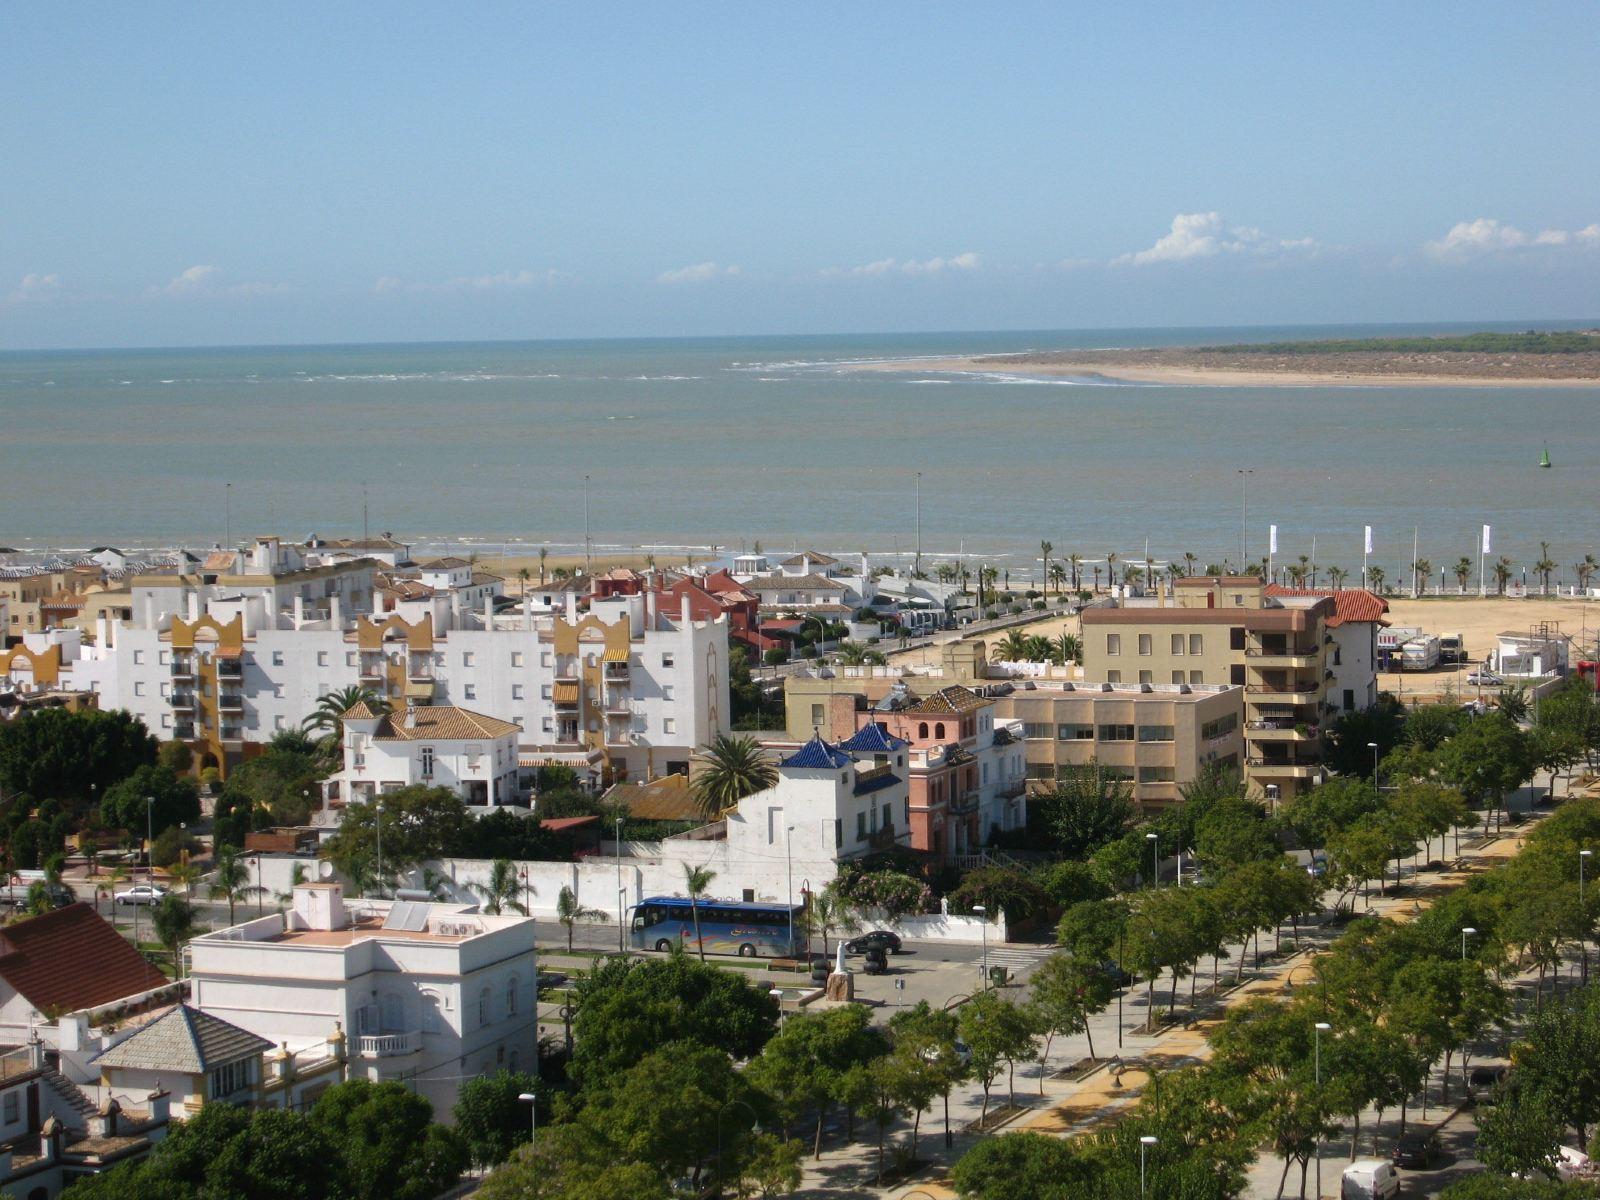 Hotel 4 estrellas en verano en Sanlúcar en la costa de Cádiz